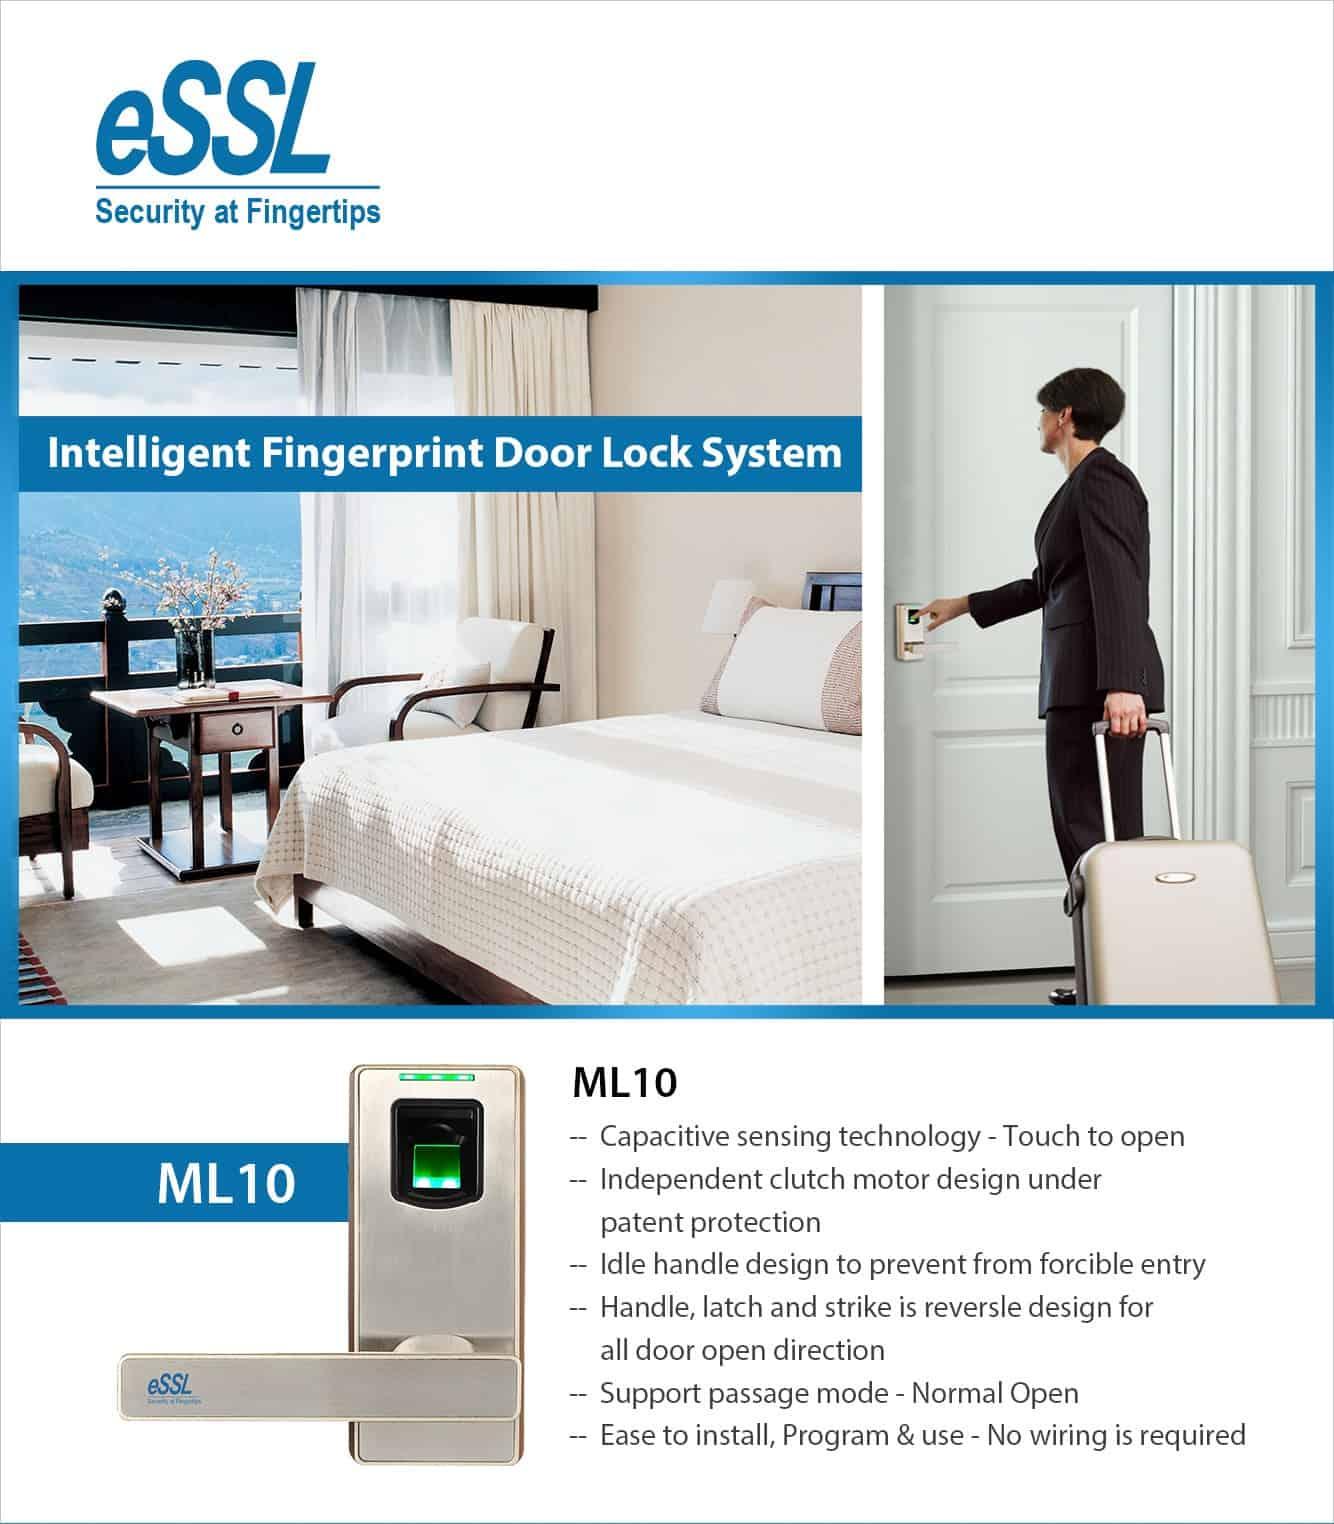 essl fingerprint door lock ML10